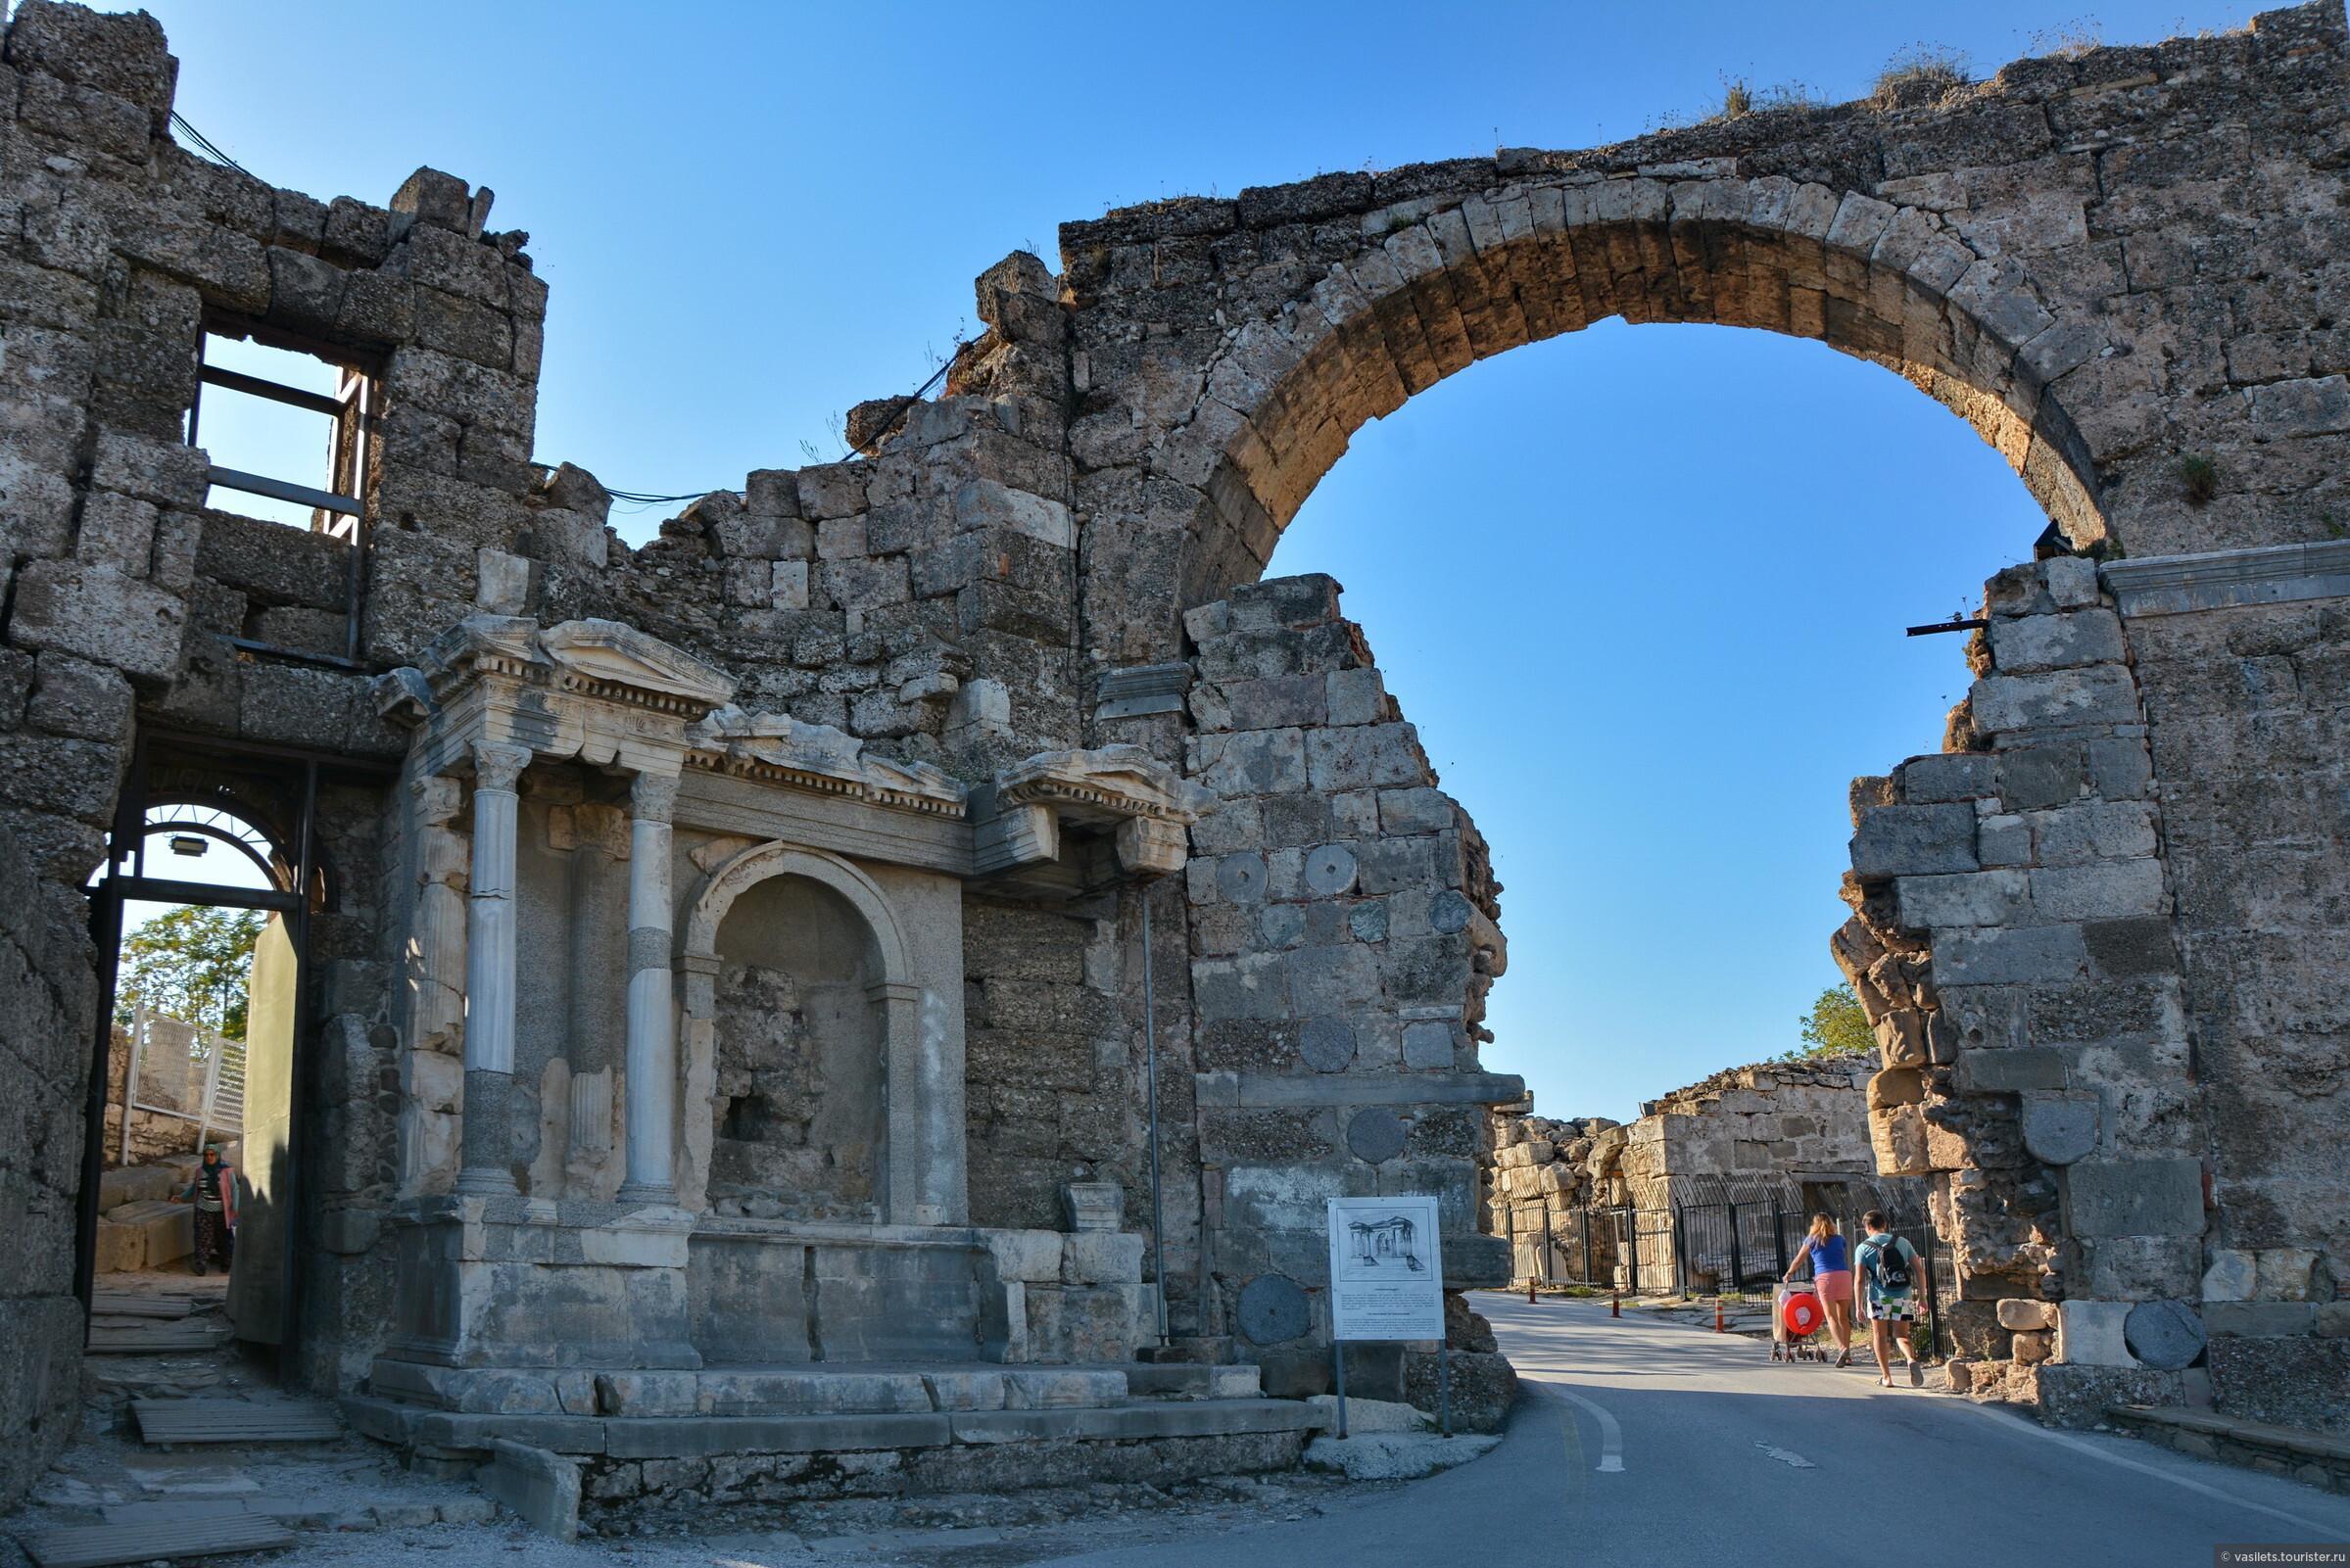 Сиде в Турции: где находится, развлечения, погода и экскурсии